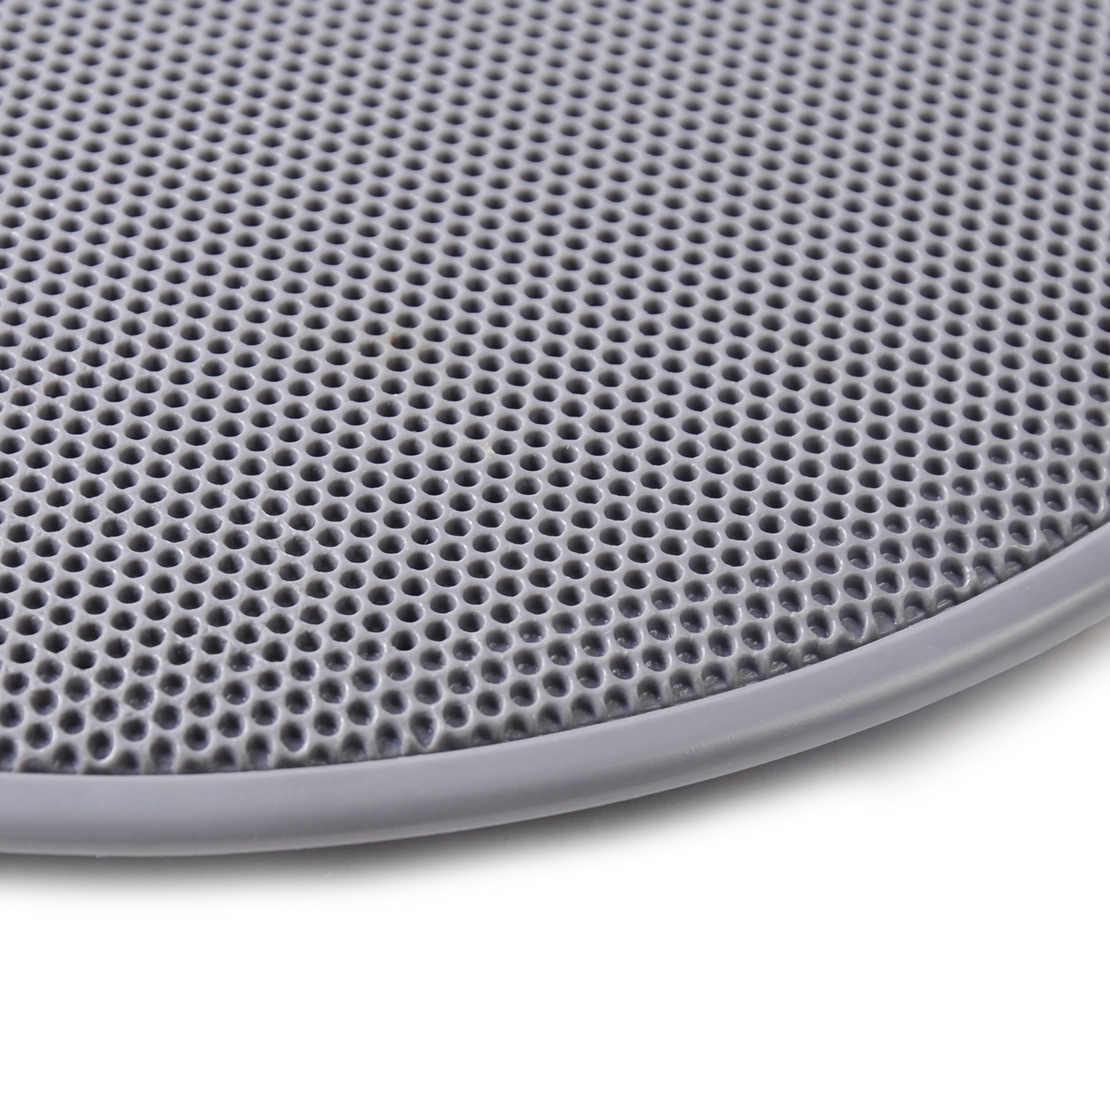 hight resolution of  dwcx 2x door loud speaker cover grill 3b0868149 for volkswagen passat b5 jetta mk4 golf gti